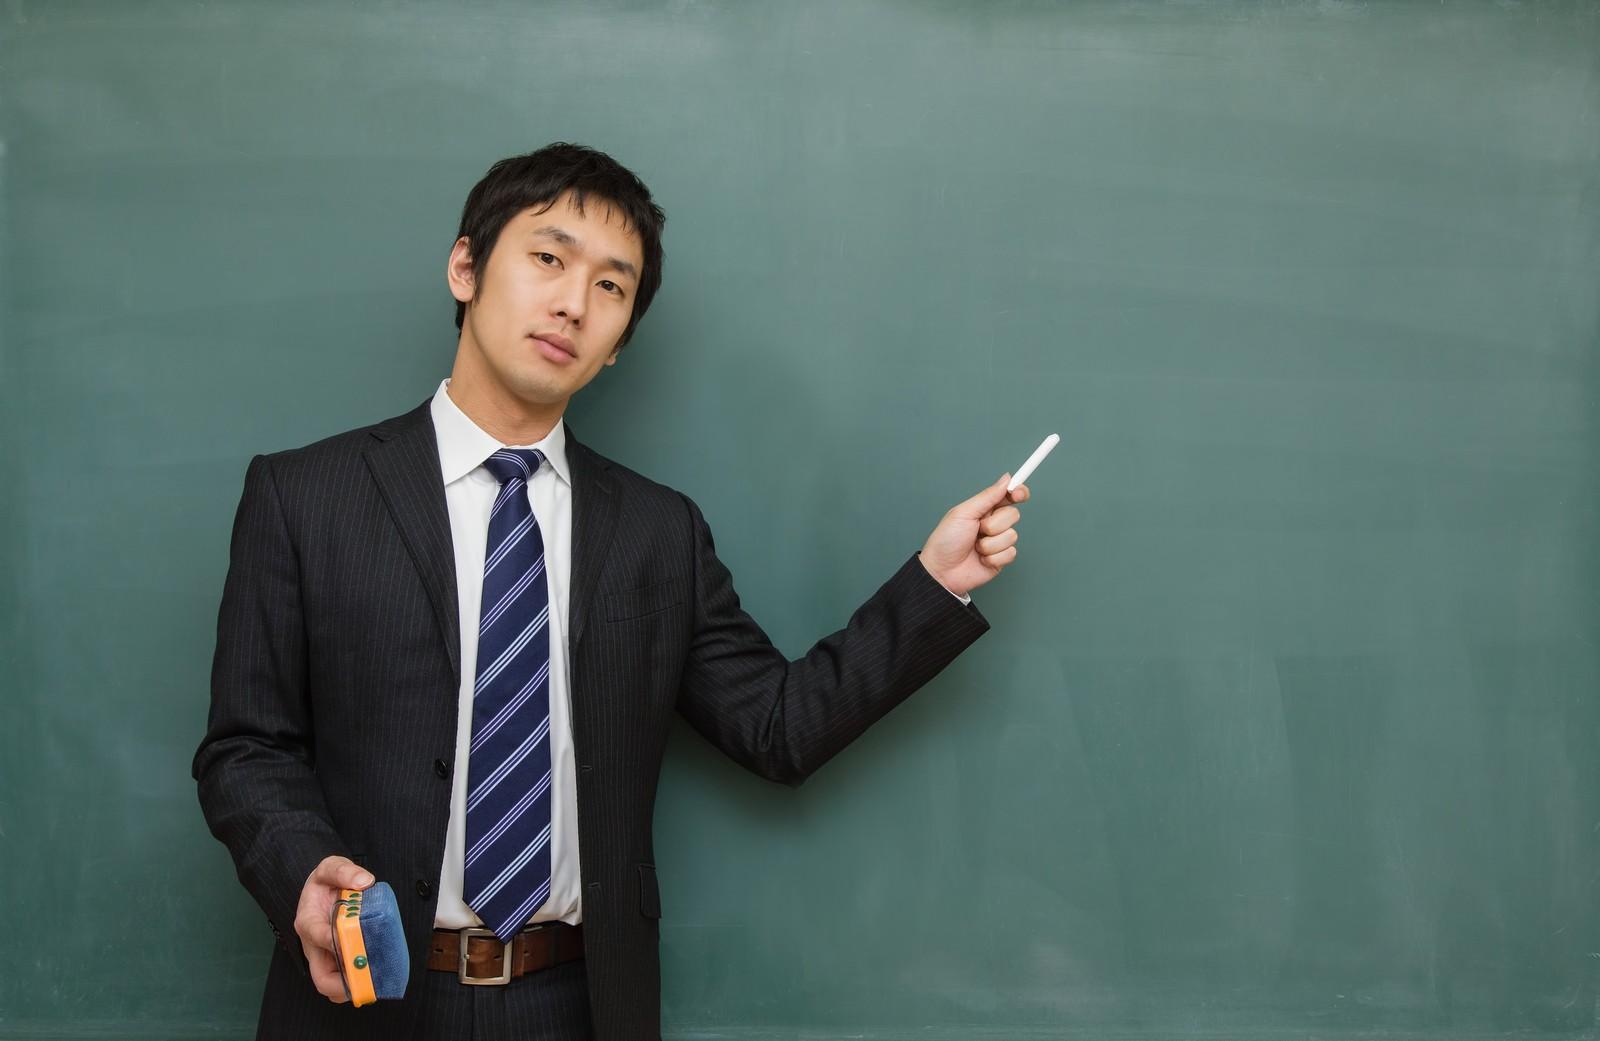 【予備校選びの前に】公務員になりたい社会人が行うべき、たった1つのこと